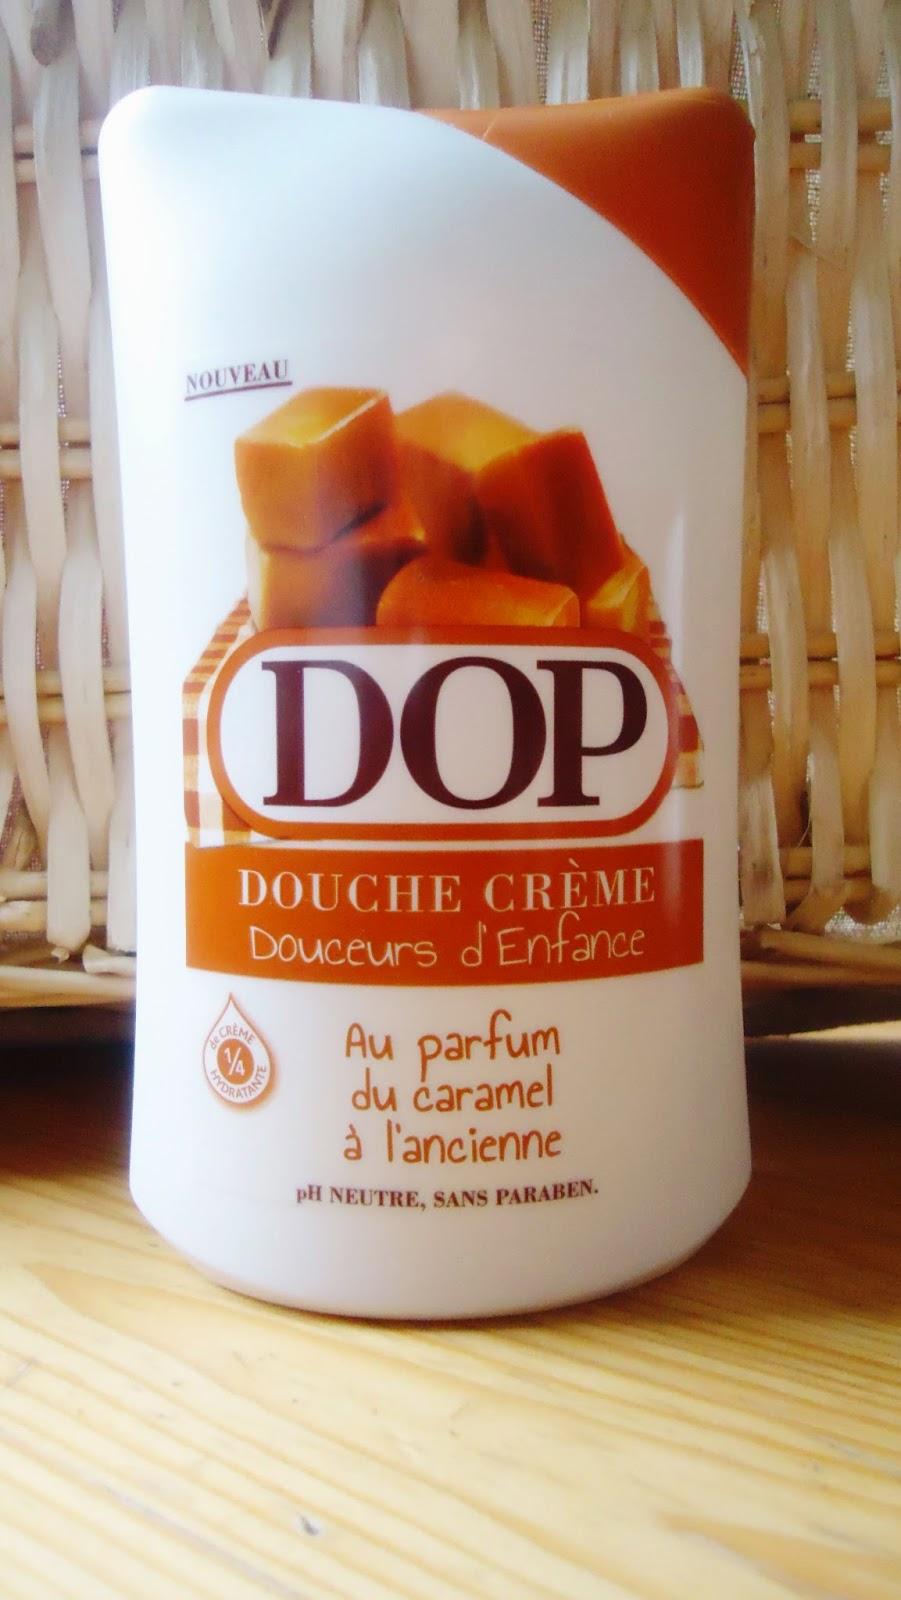 Dop gel douche crème au caramel à l'ancienne